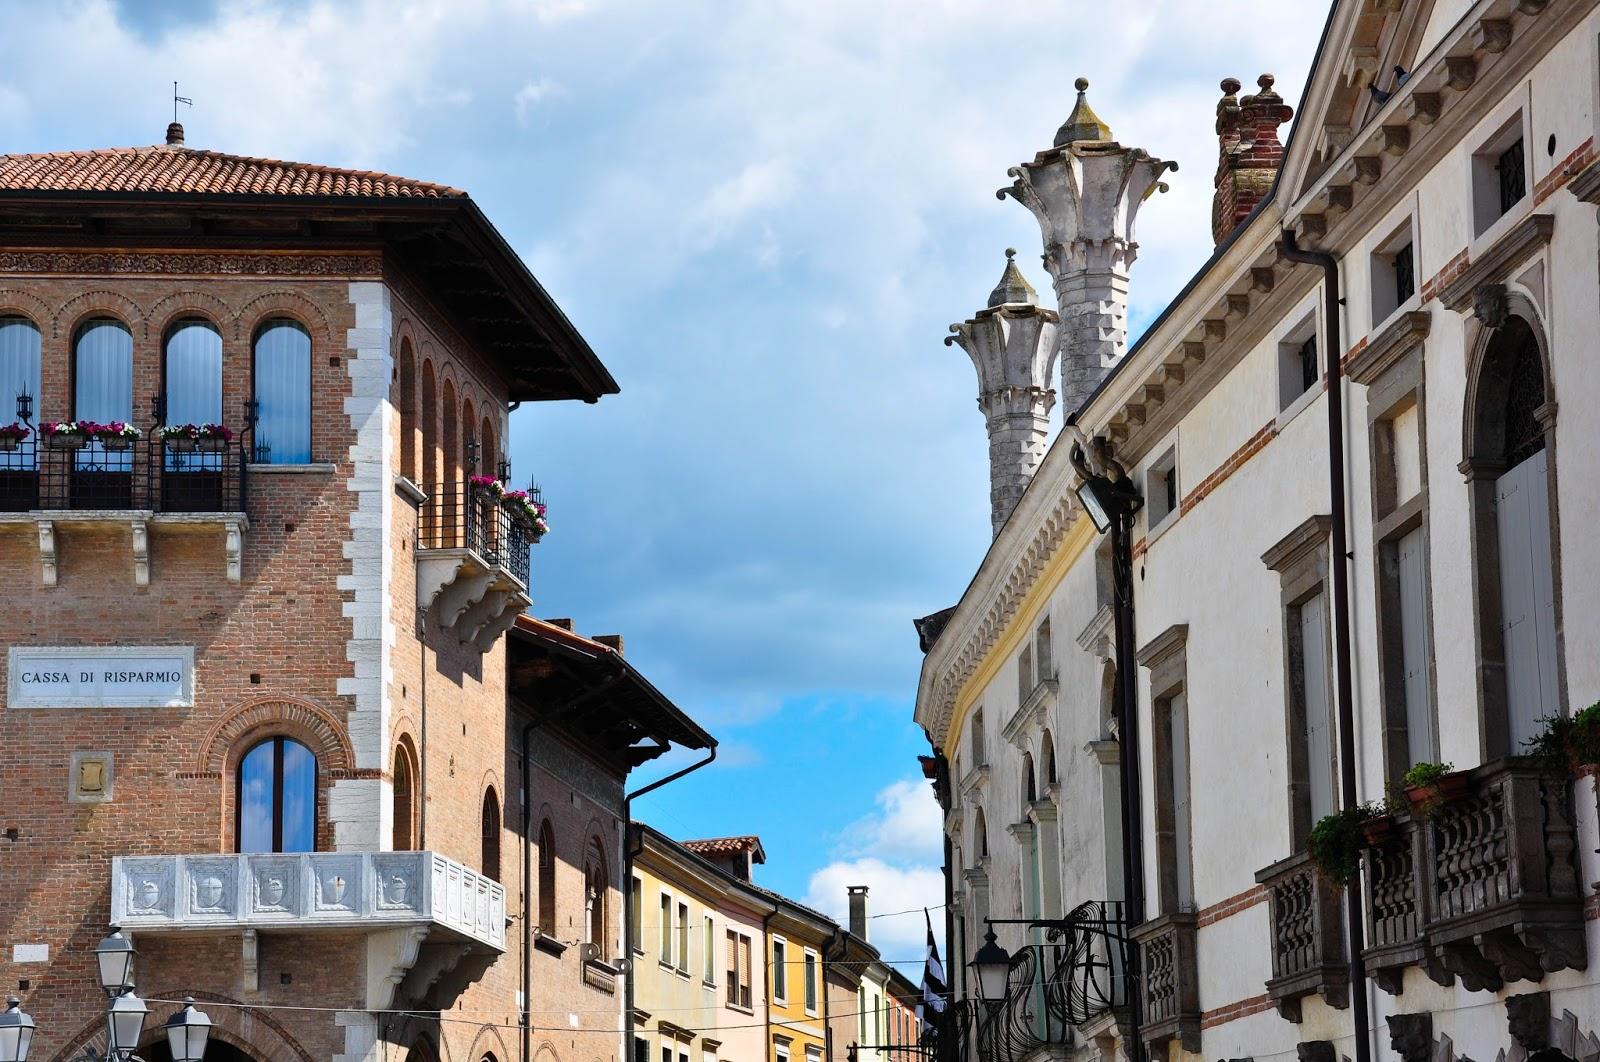 Houses in Montagnana, Veneto, Italy